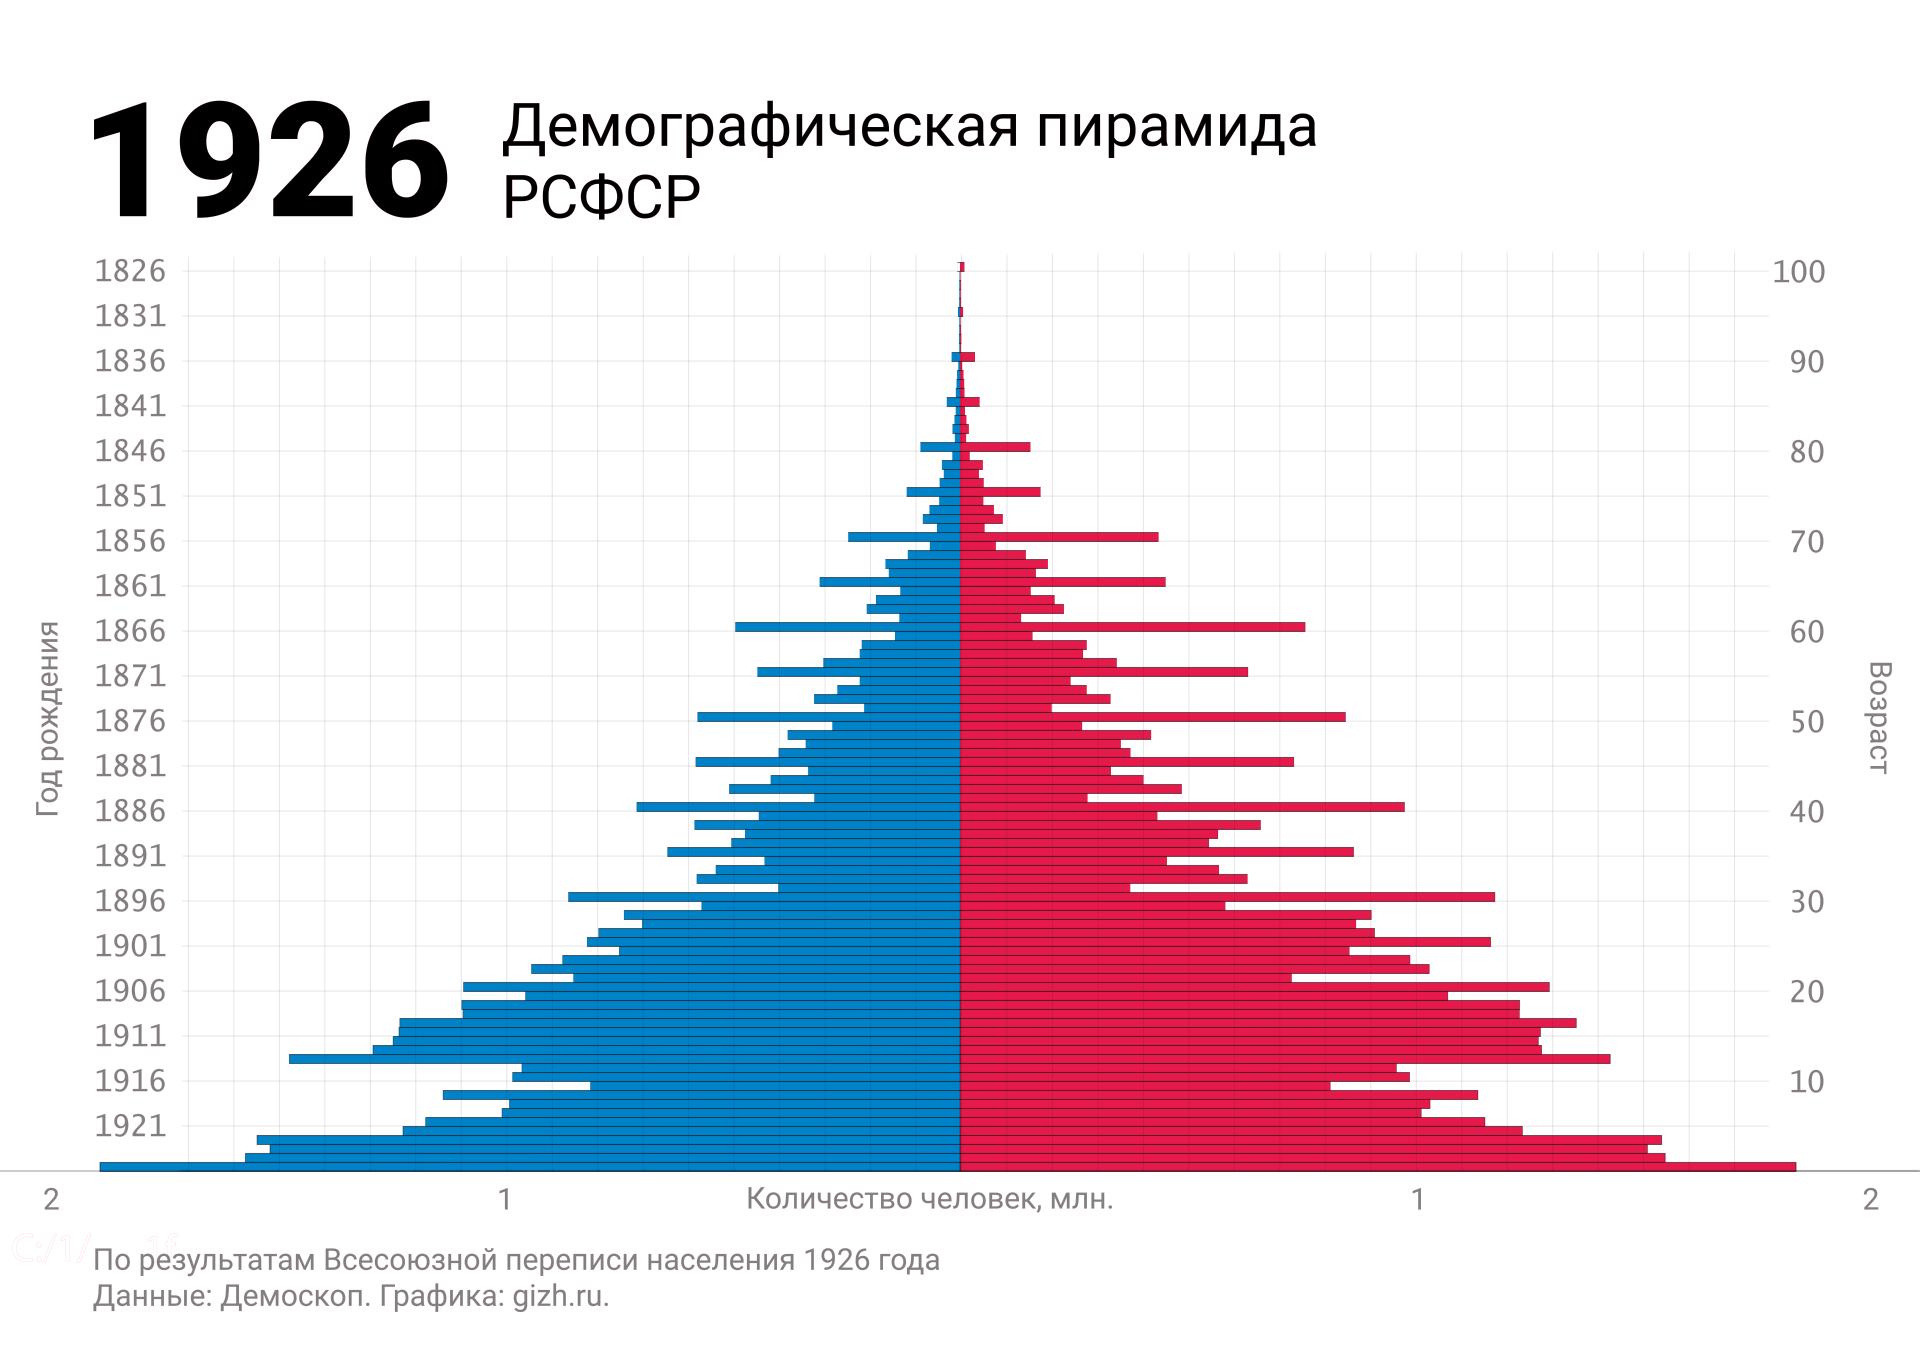 Демографическая (половозрастная) пирамида России (СССР, РСФСР) по  переписи 1926